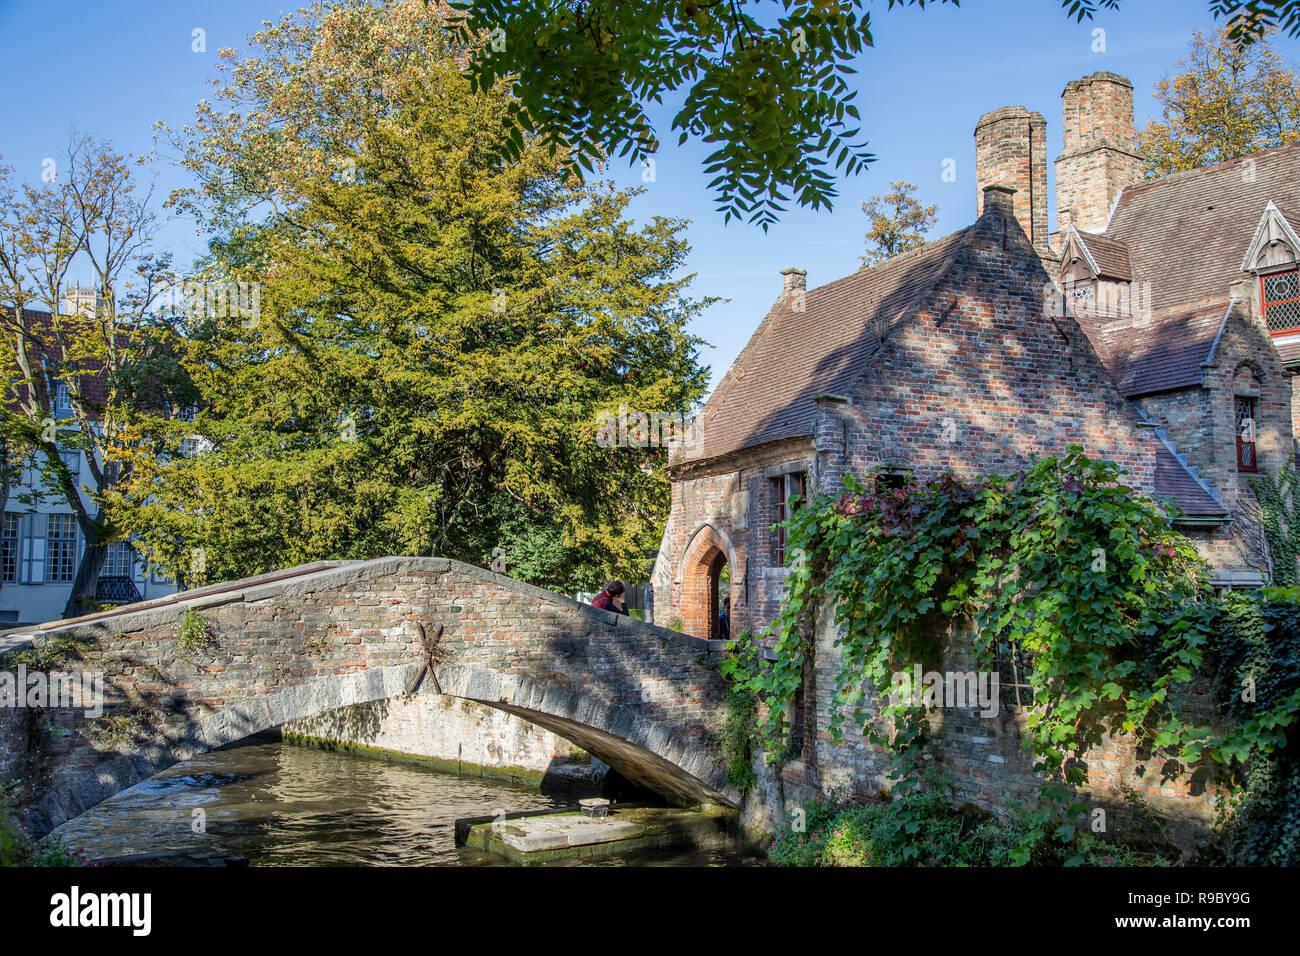 Bruges, Belgium bridge - Stock Image